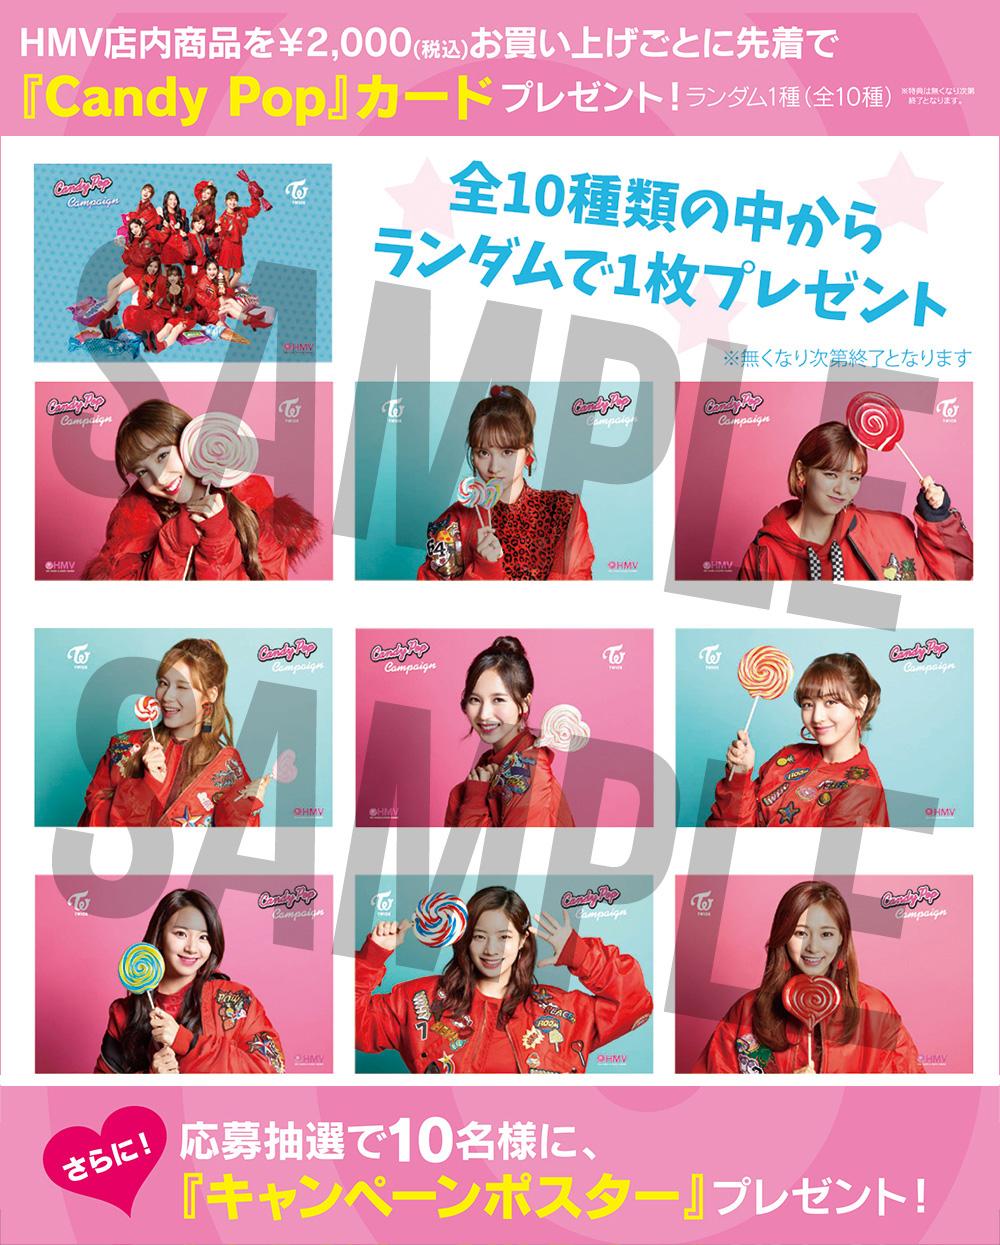 HMV HMVグラミー賞キャンペーン